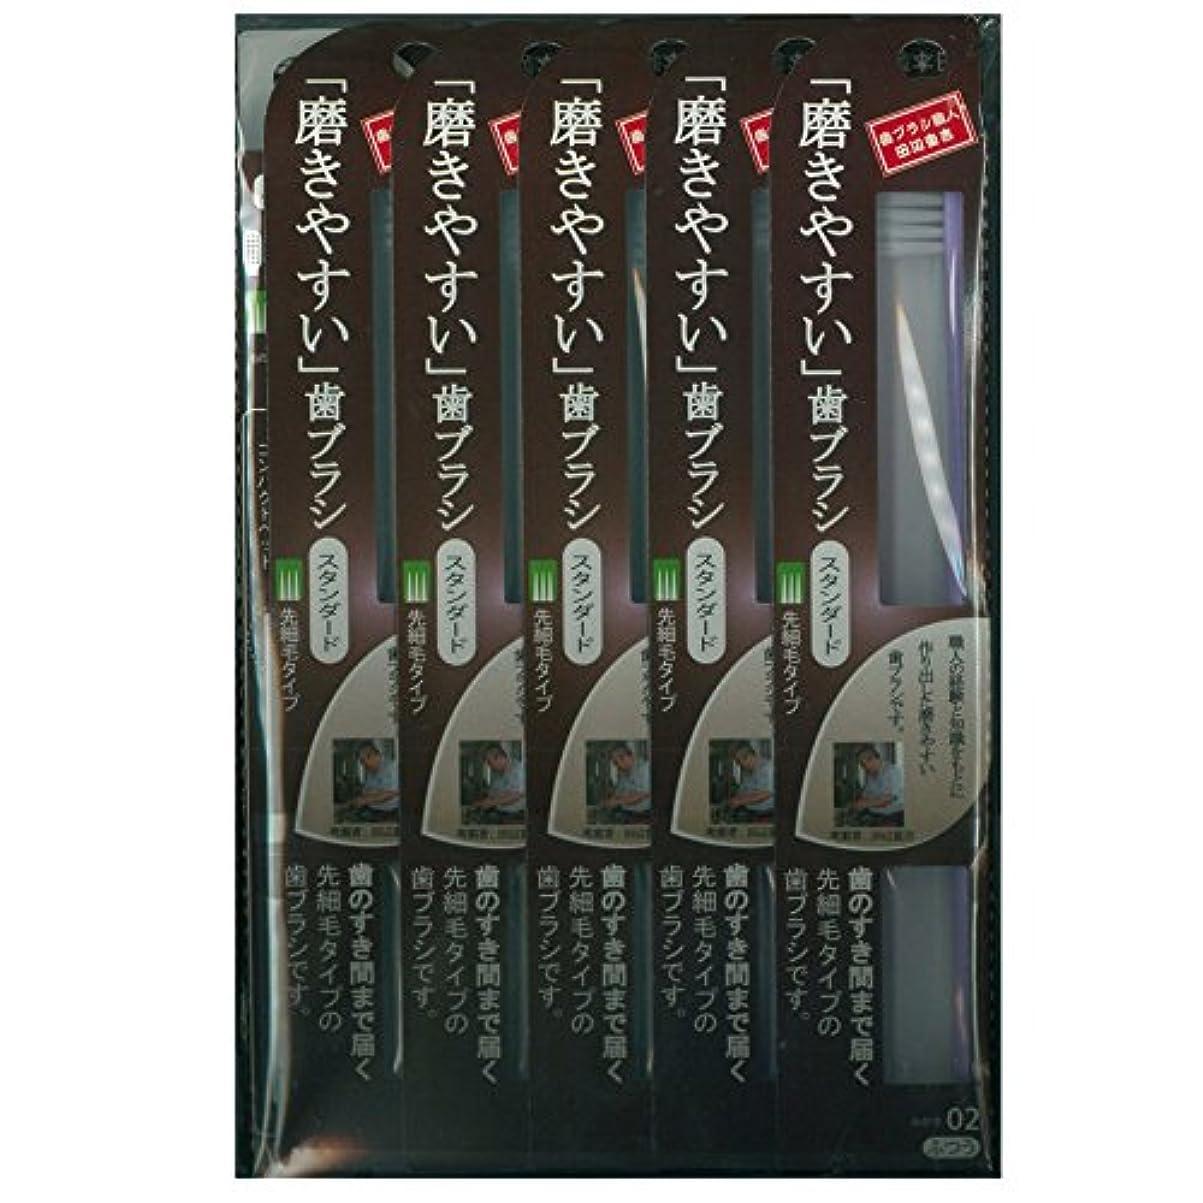 名義で計算可能バズ磨きやすい歯ブラシ先細 LT-02×12本セット( ピンク×4本、ブルー×4本、グリーン×2本、パープル×2本)